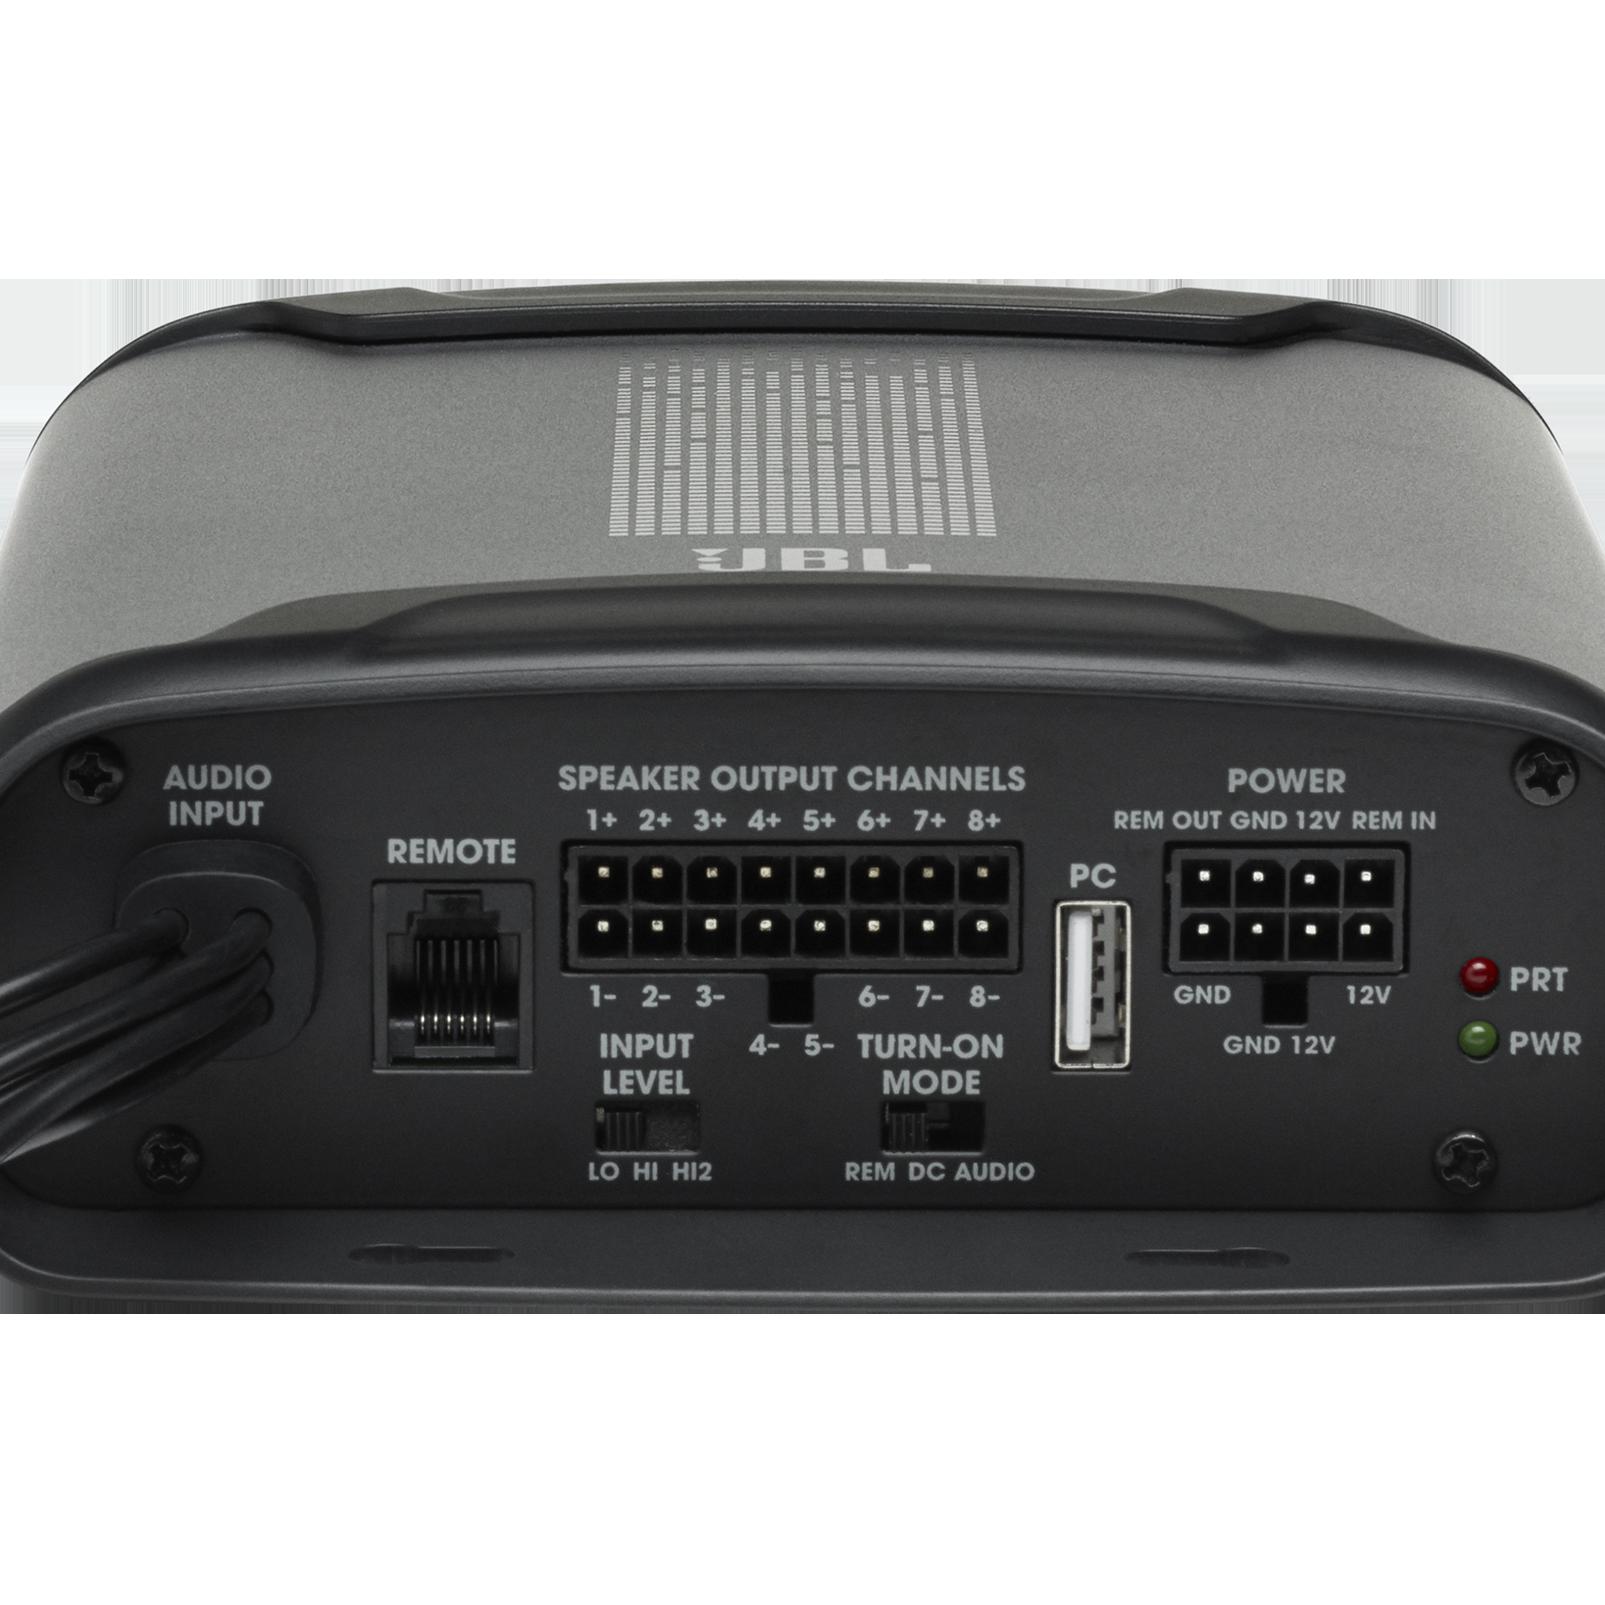 JBL DSP Amplifier DSP4086 - Black - Detailshot 3